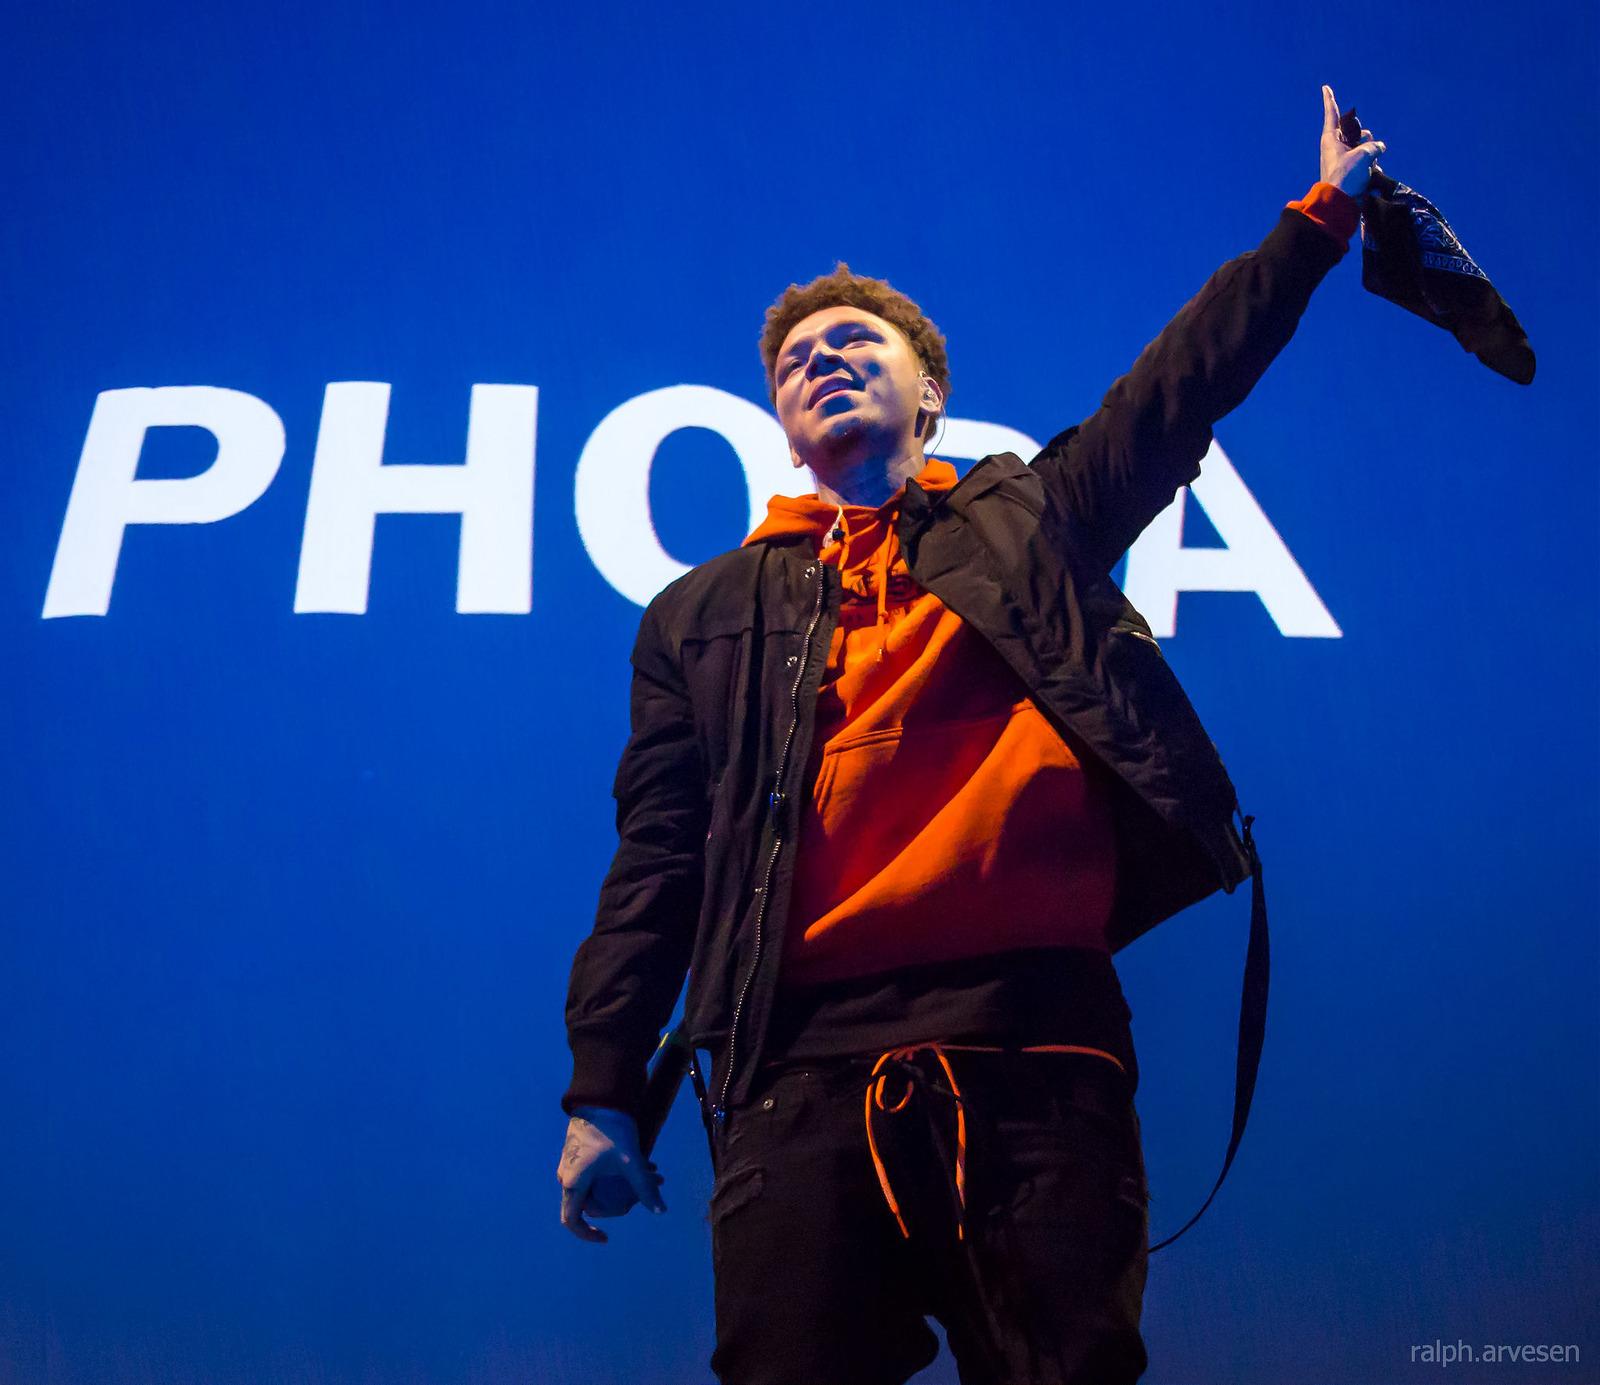 Phora